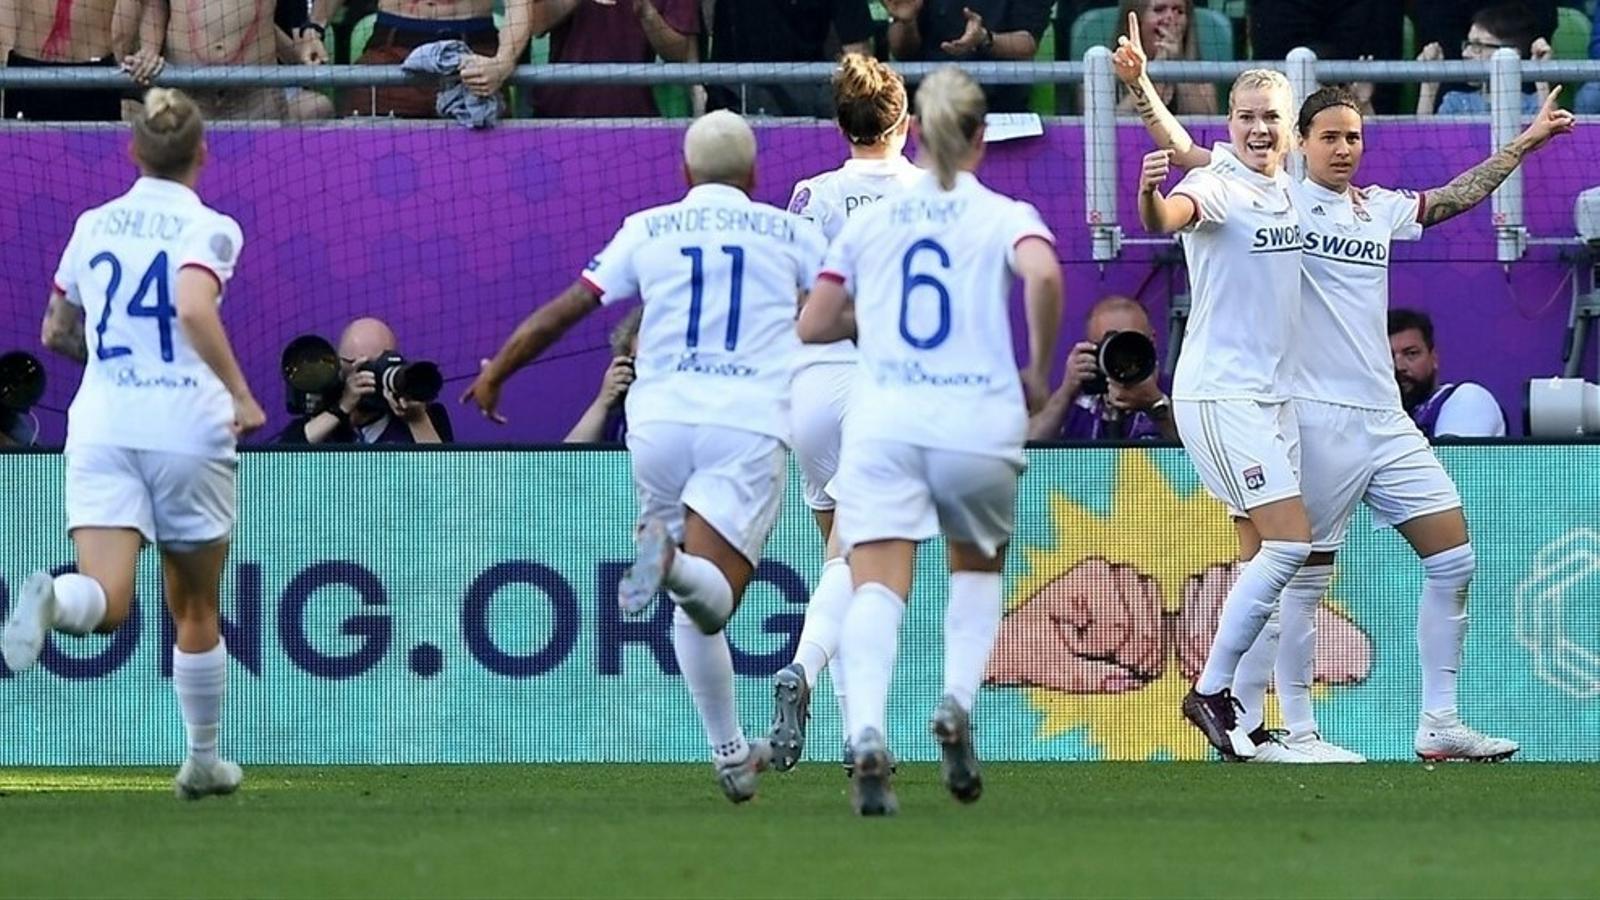 Marozsán i Hegerberg, celebrant els gols del Lió